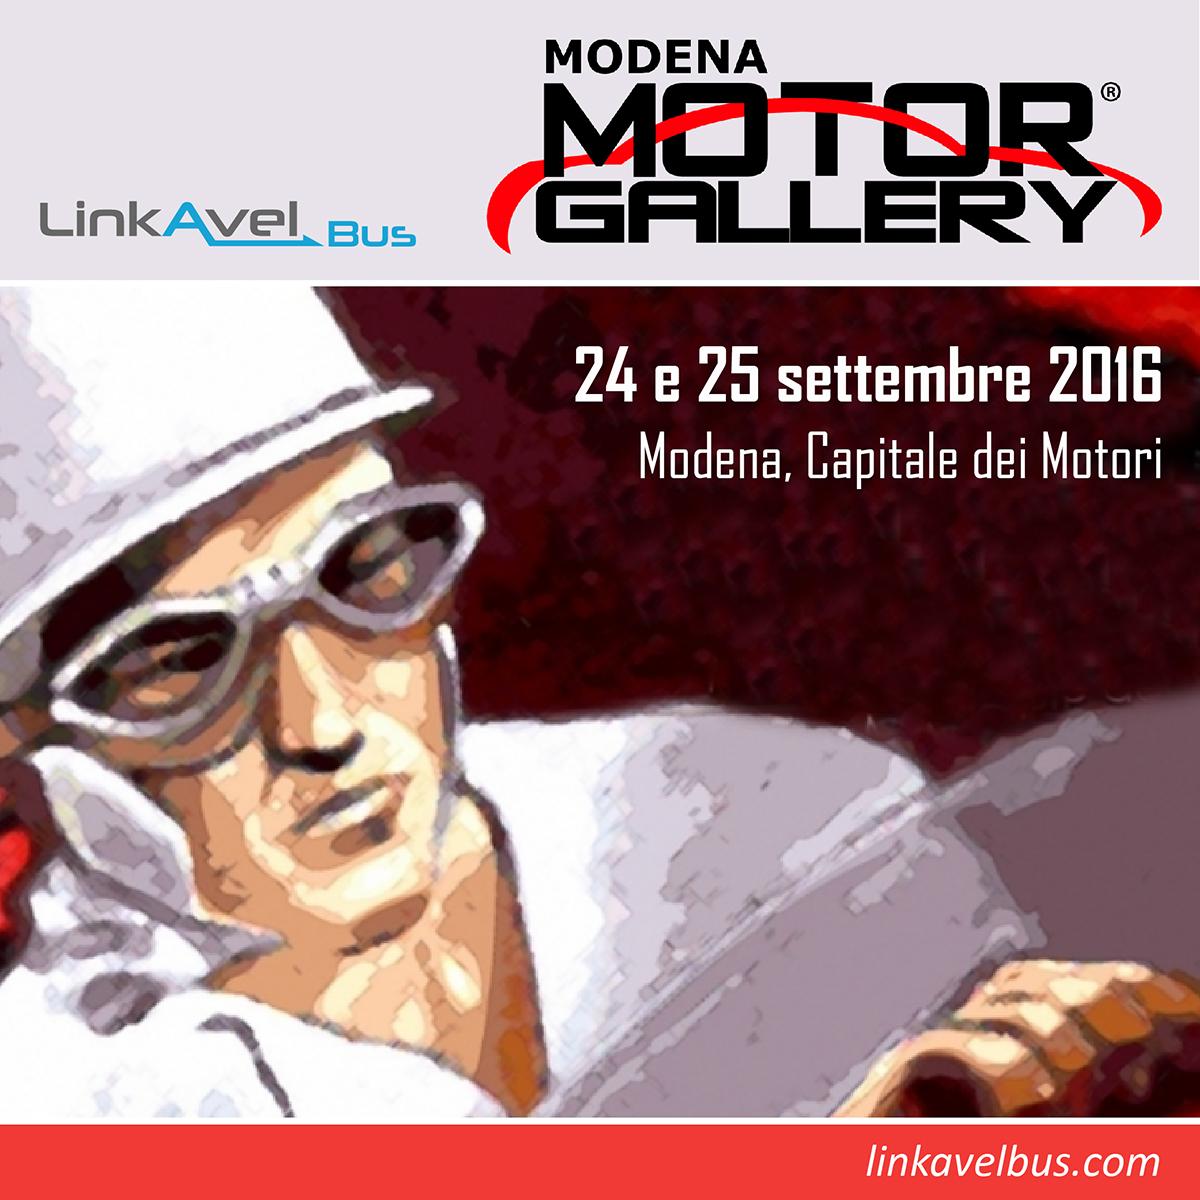 Post Modena Motor Gallery 24 e 25 settembre 2016